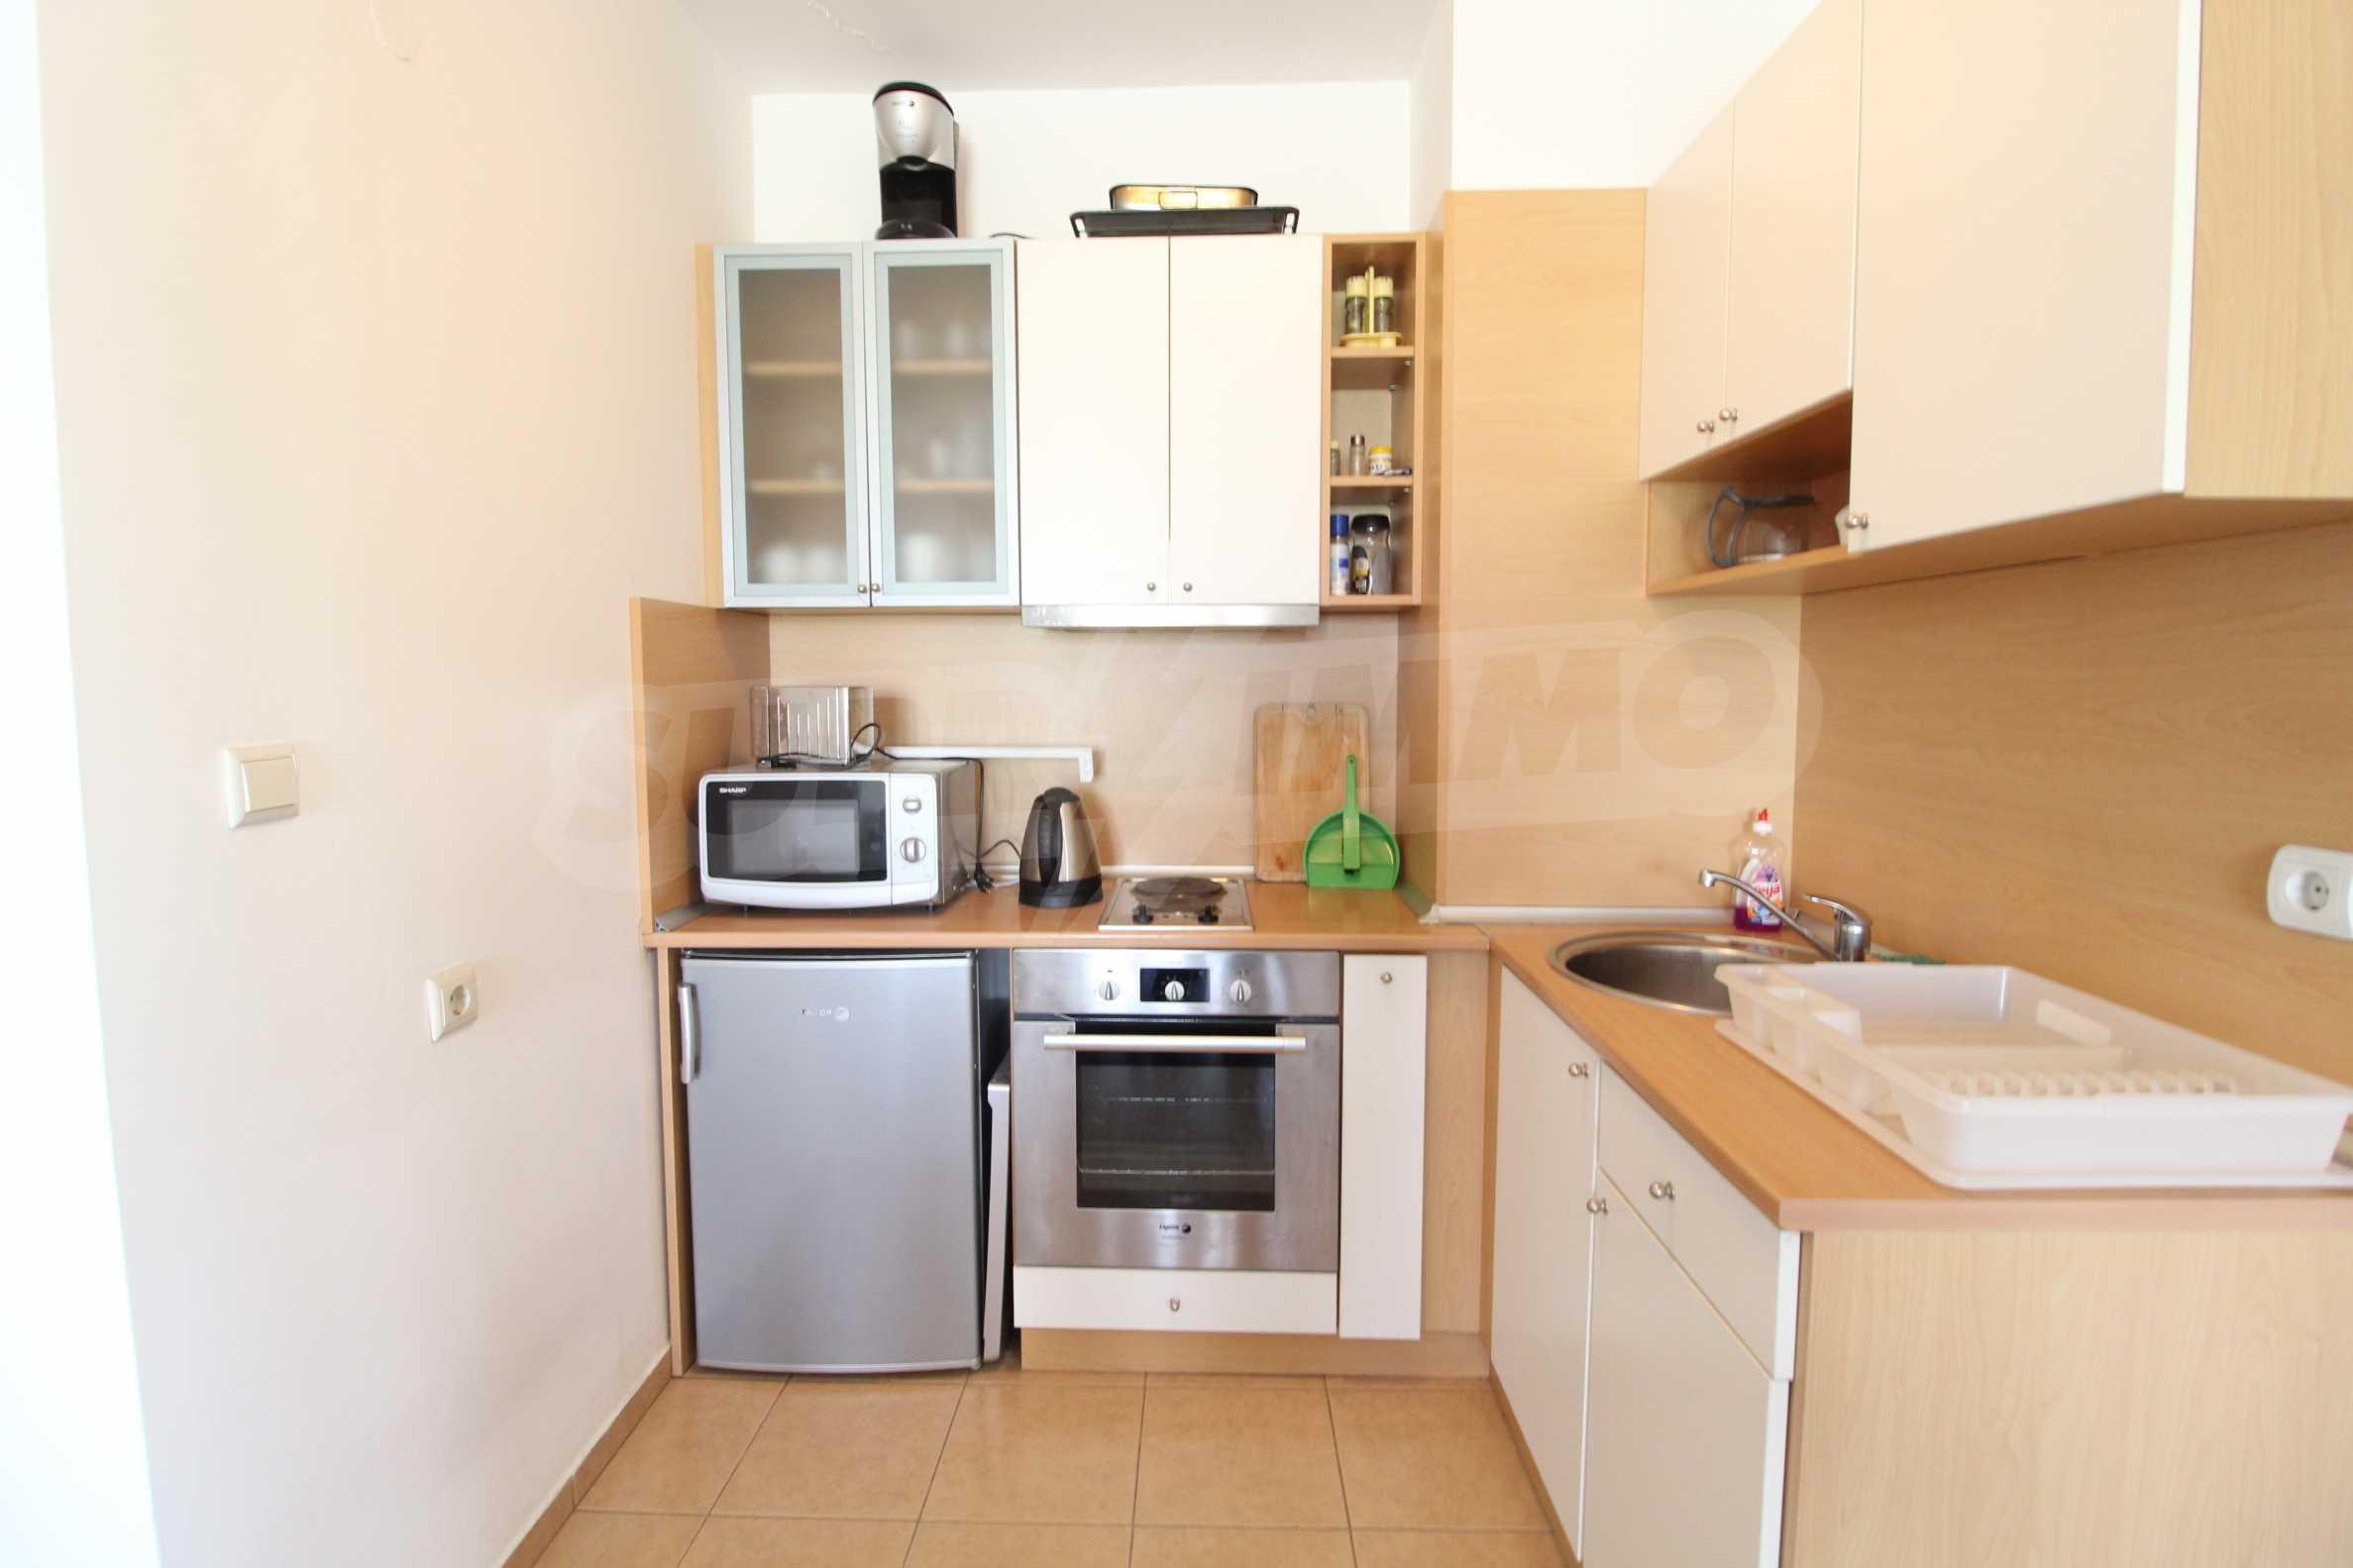 Möbliertes Apartment mit zwei Schlafzimmern im Top Lodge-Komplex, nur wenige Meter vom Skilift in Bansko entfernt 1